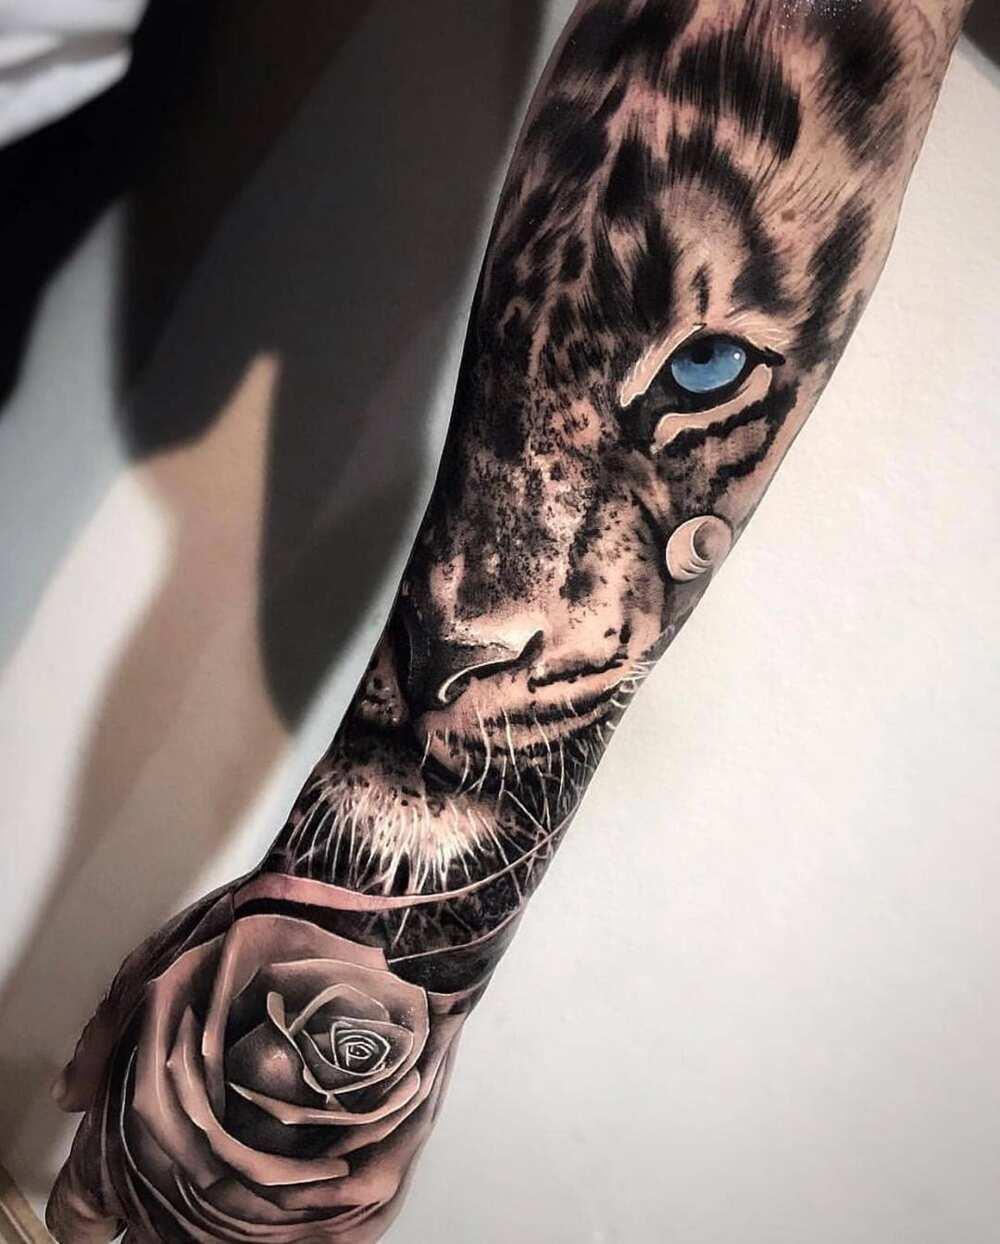 tattoos on arm